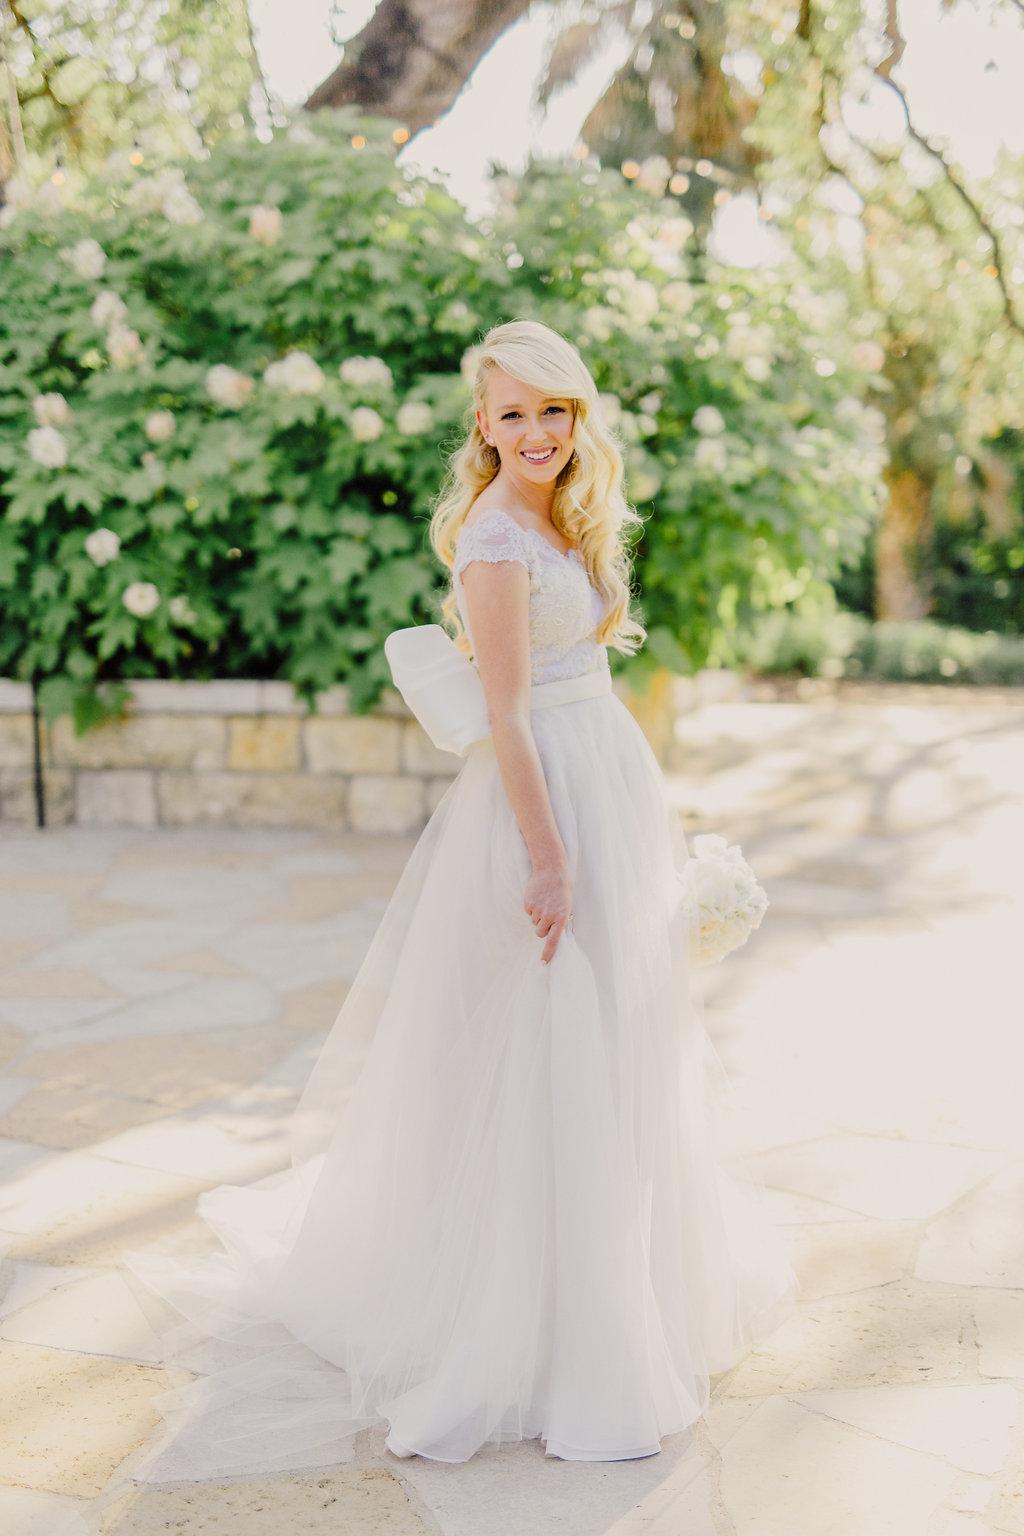 katie+bridals-21.jpg